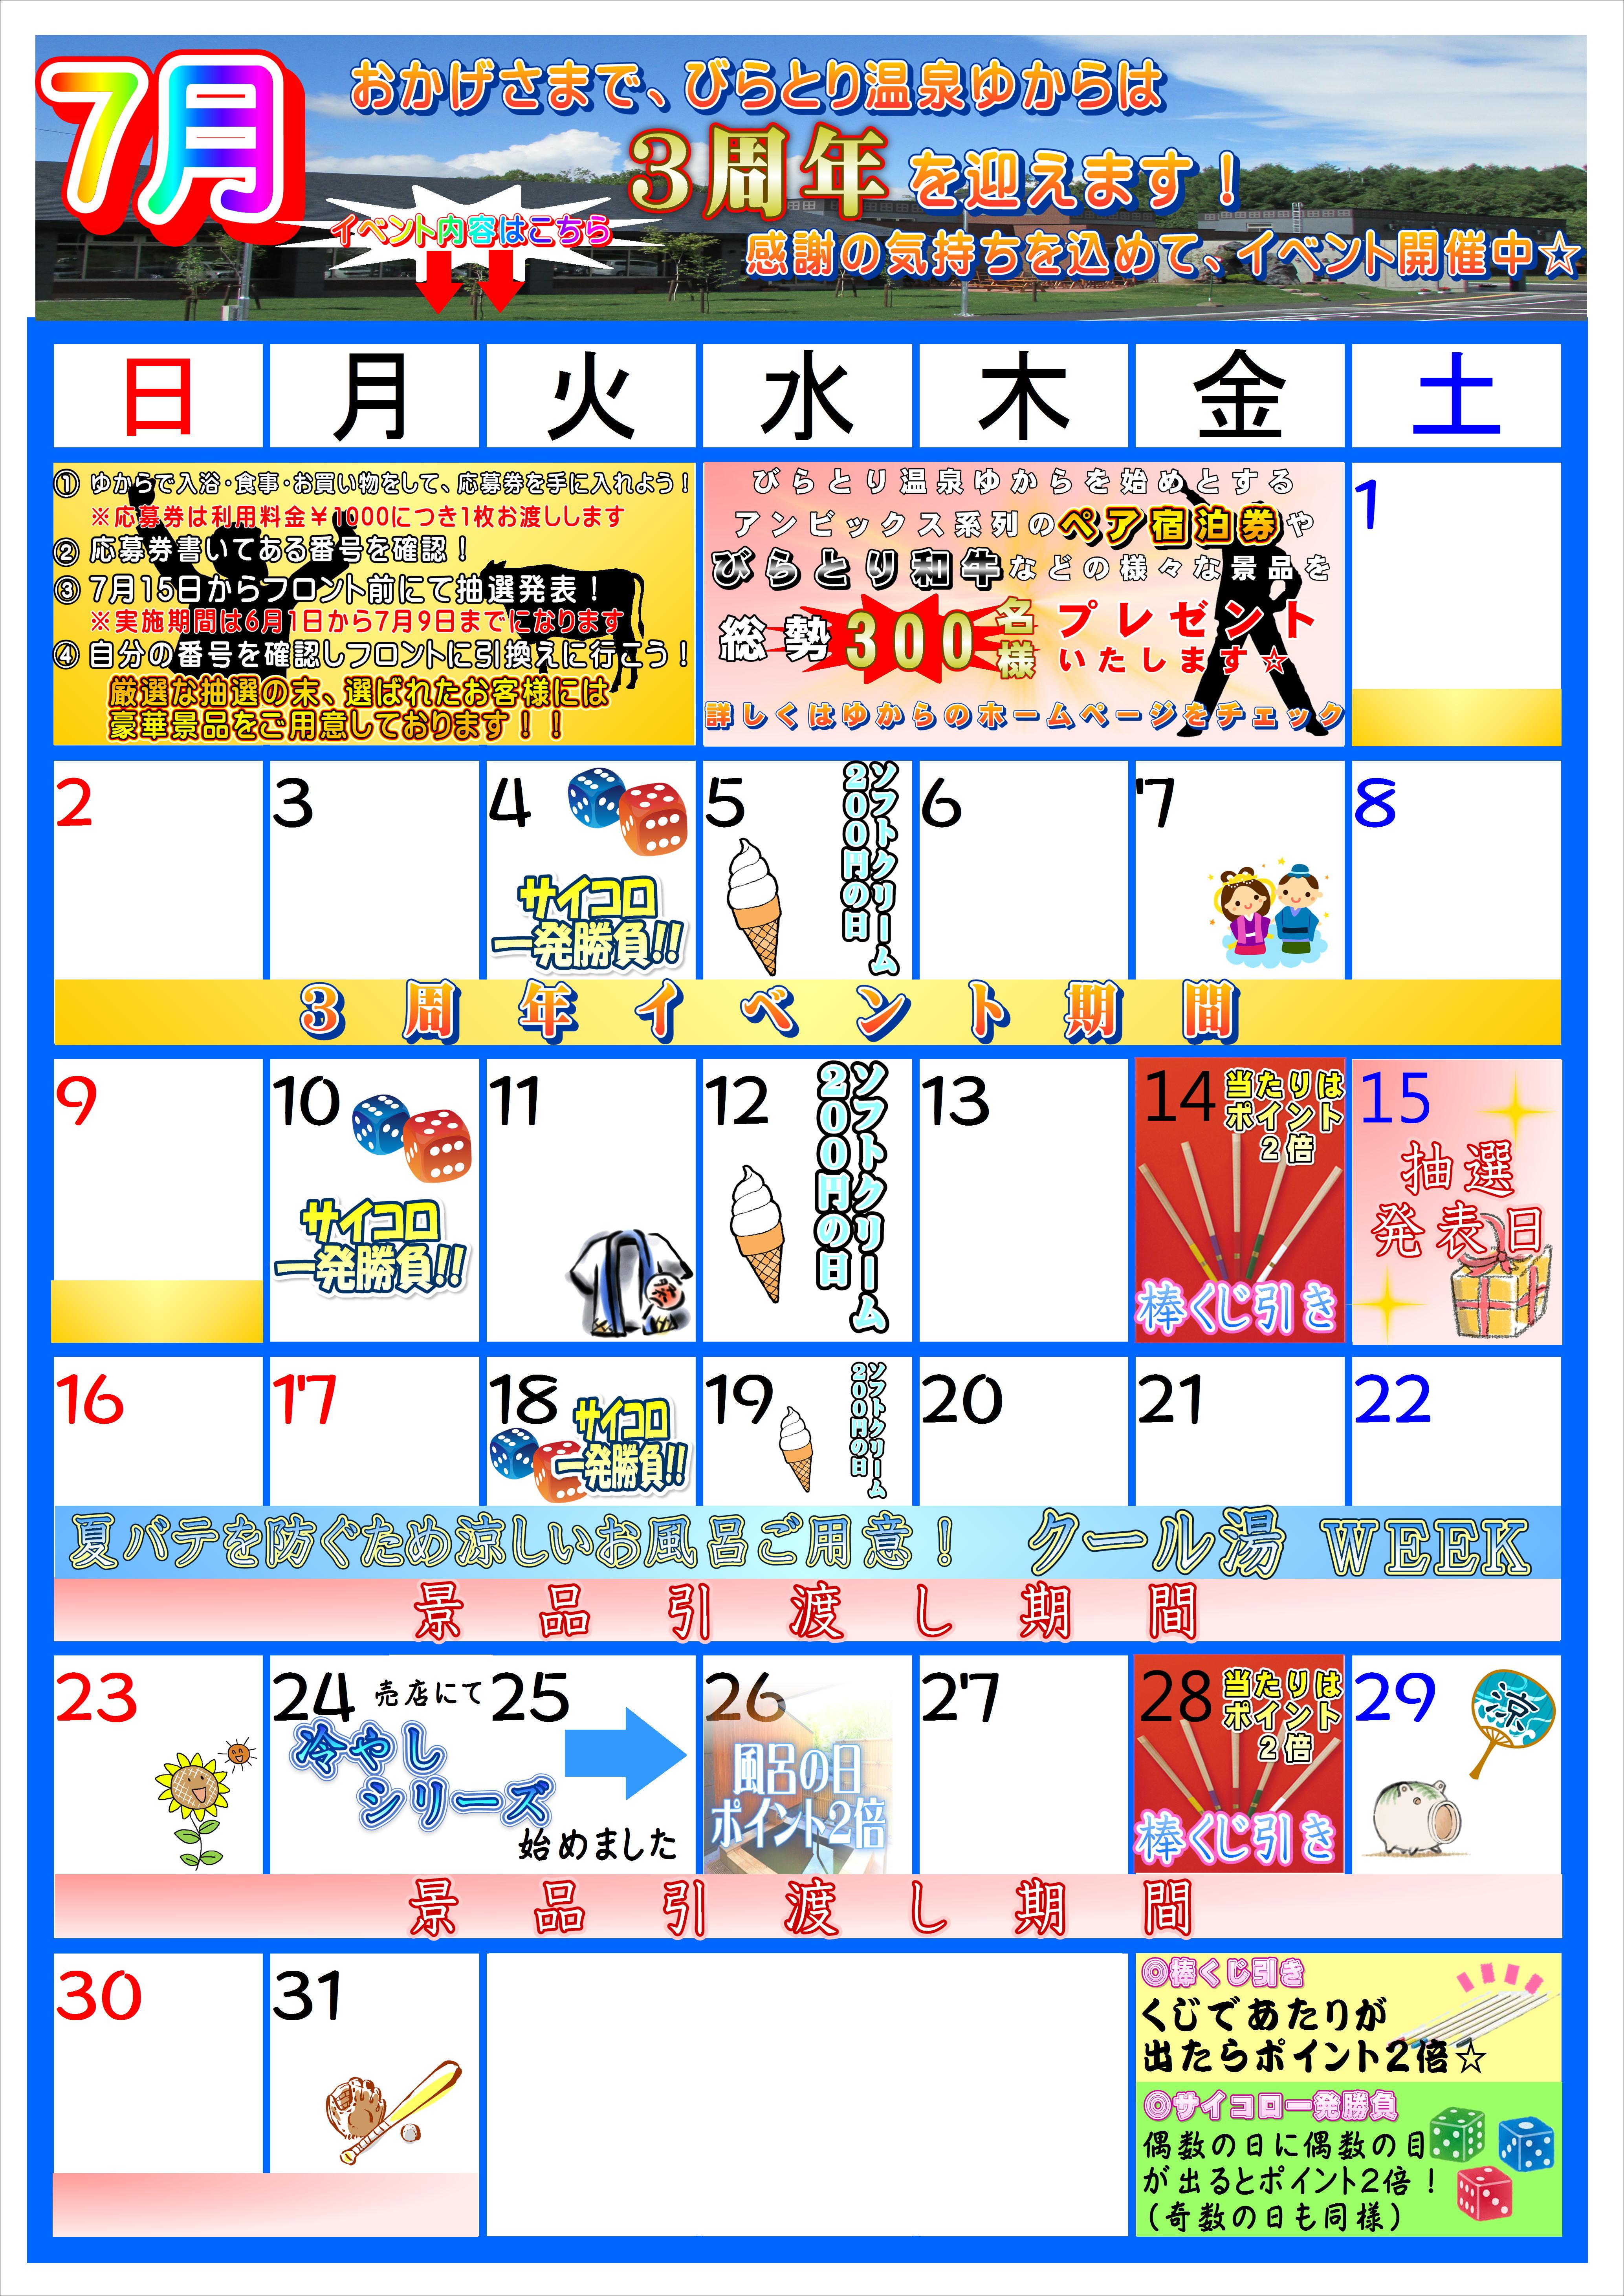 29年 7月 イベントカレンダー②.JPEG